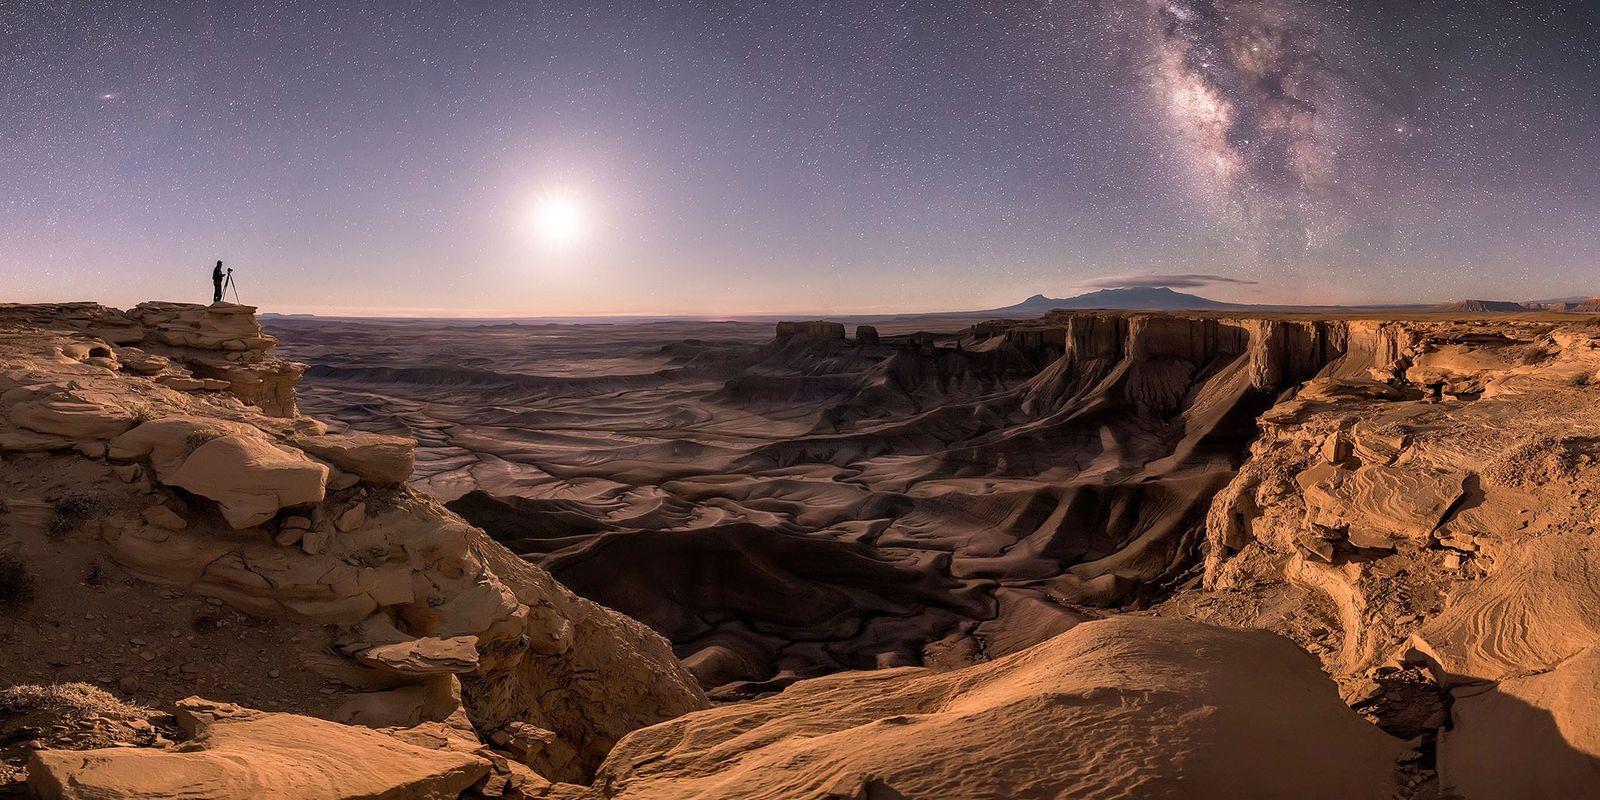 Estes São os Melhores Fotógrafos de Astronomia de 2018